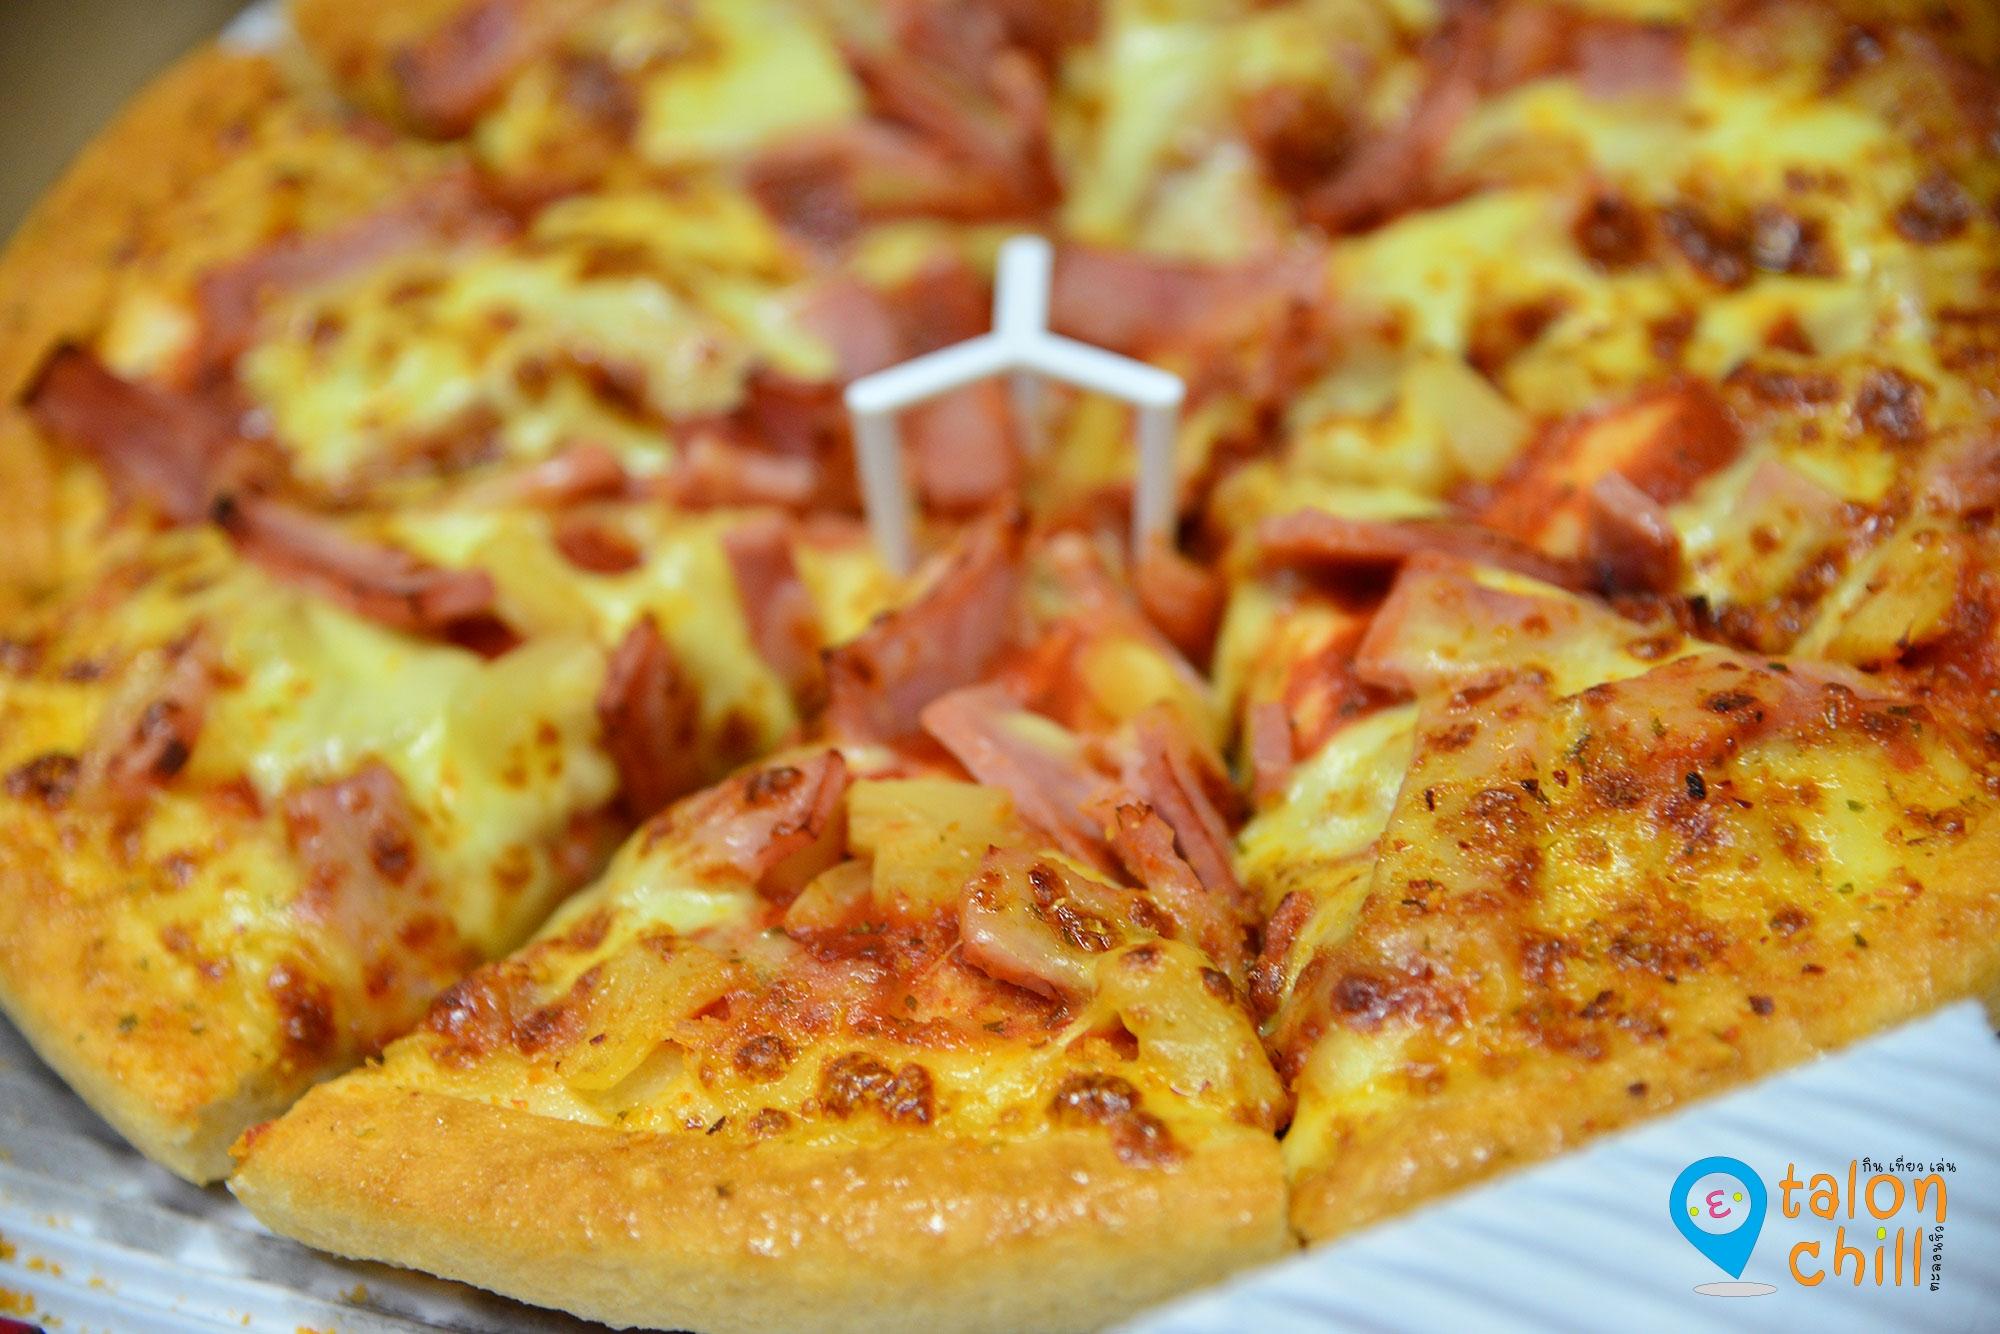 [ตะลุยแหลก] พิซซ่าฮัทสูตรใหม่ (Pizza Hut) อร่อยกว่าเดิม #อยากกินต้องกินให้สุด